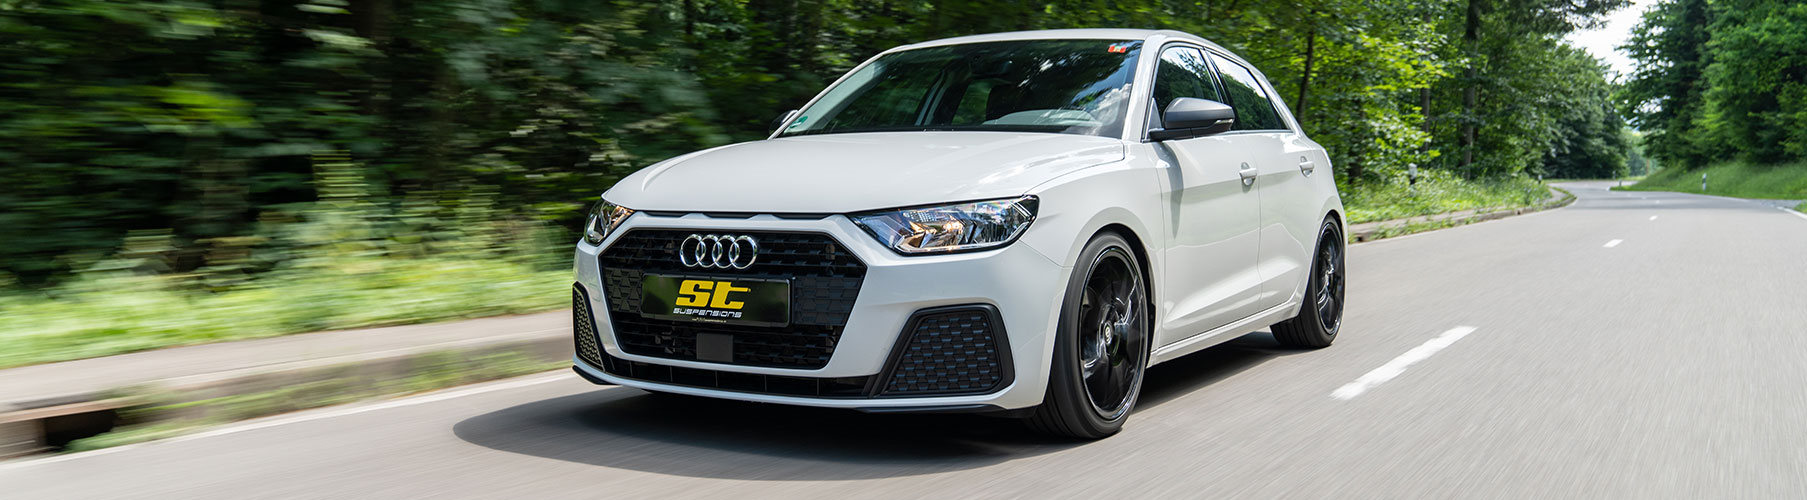 Mit den ST Gewindefedern für den aktuellen Audi A1 (GB) ist es in gewisser Weise möglich, das Serienfahrwerk innerhalb weniger Arbeitsschritte zu einem in der Tieferlegung frei einstellbaren Gewindefahrwerk aufzuwerten.